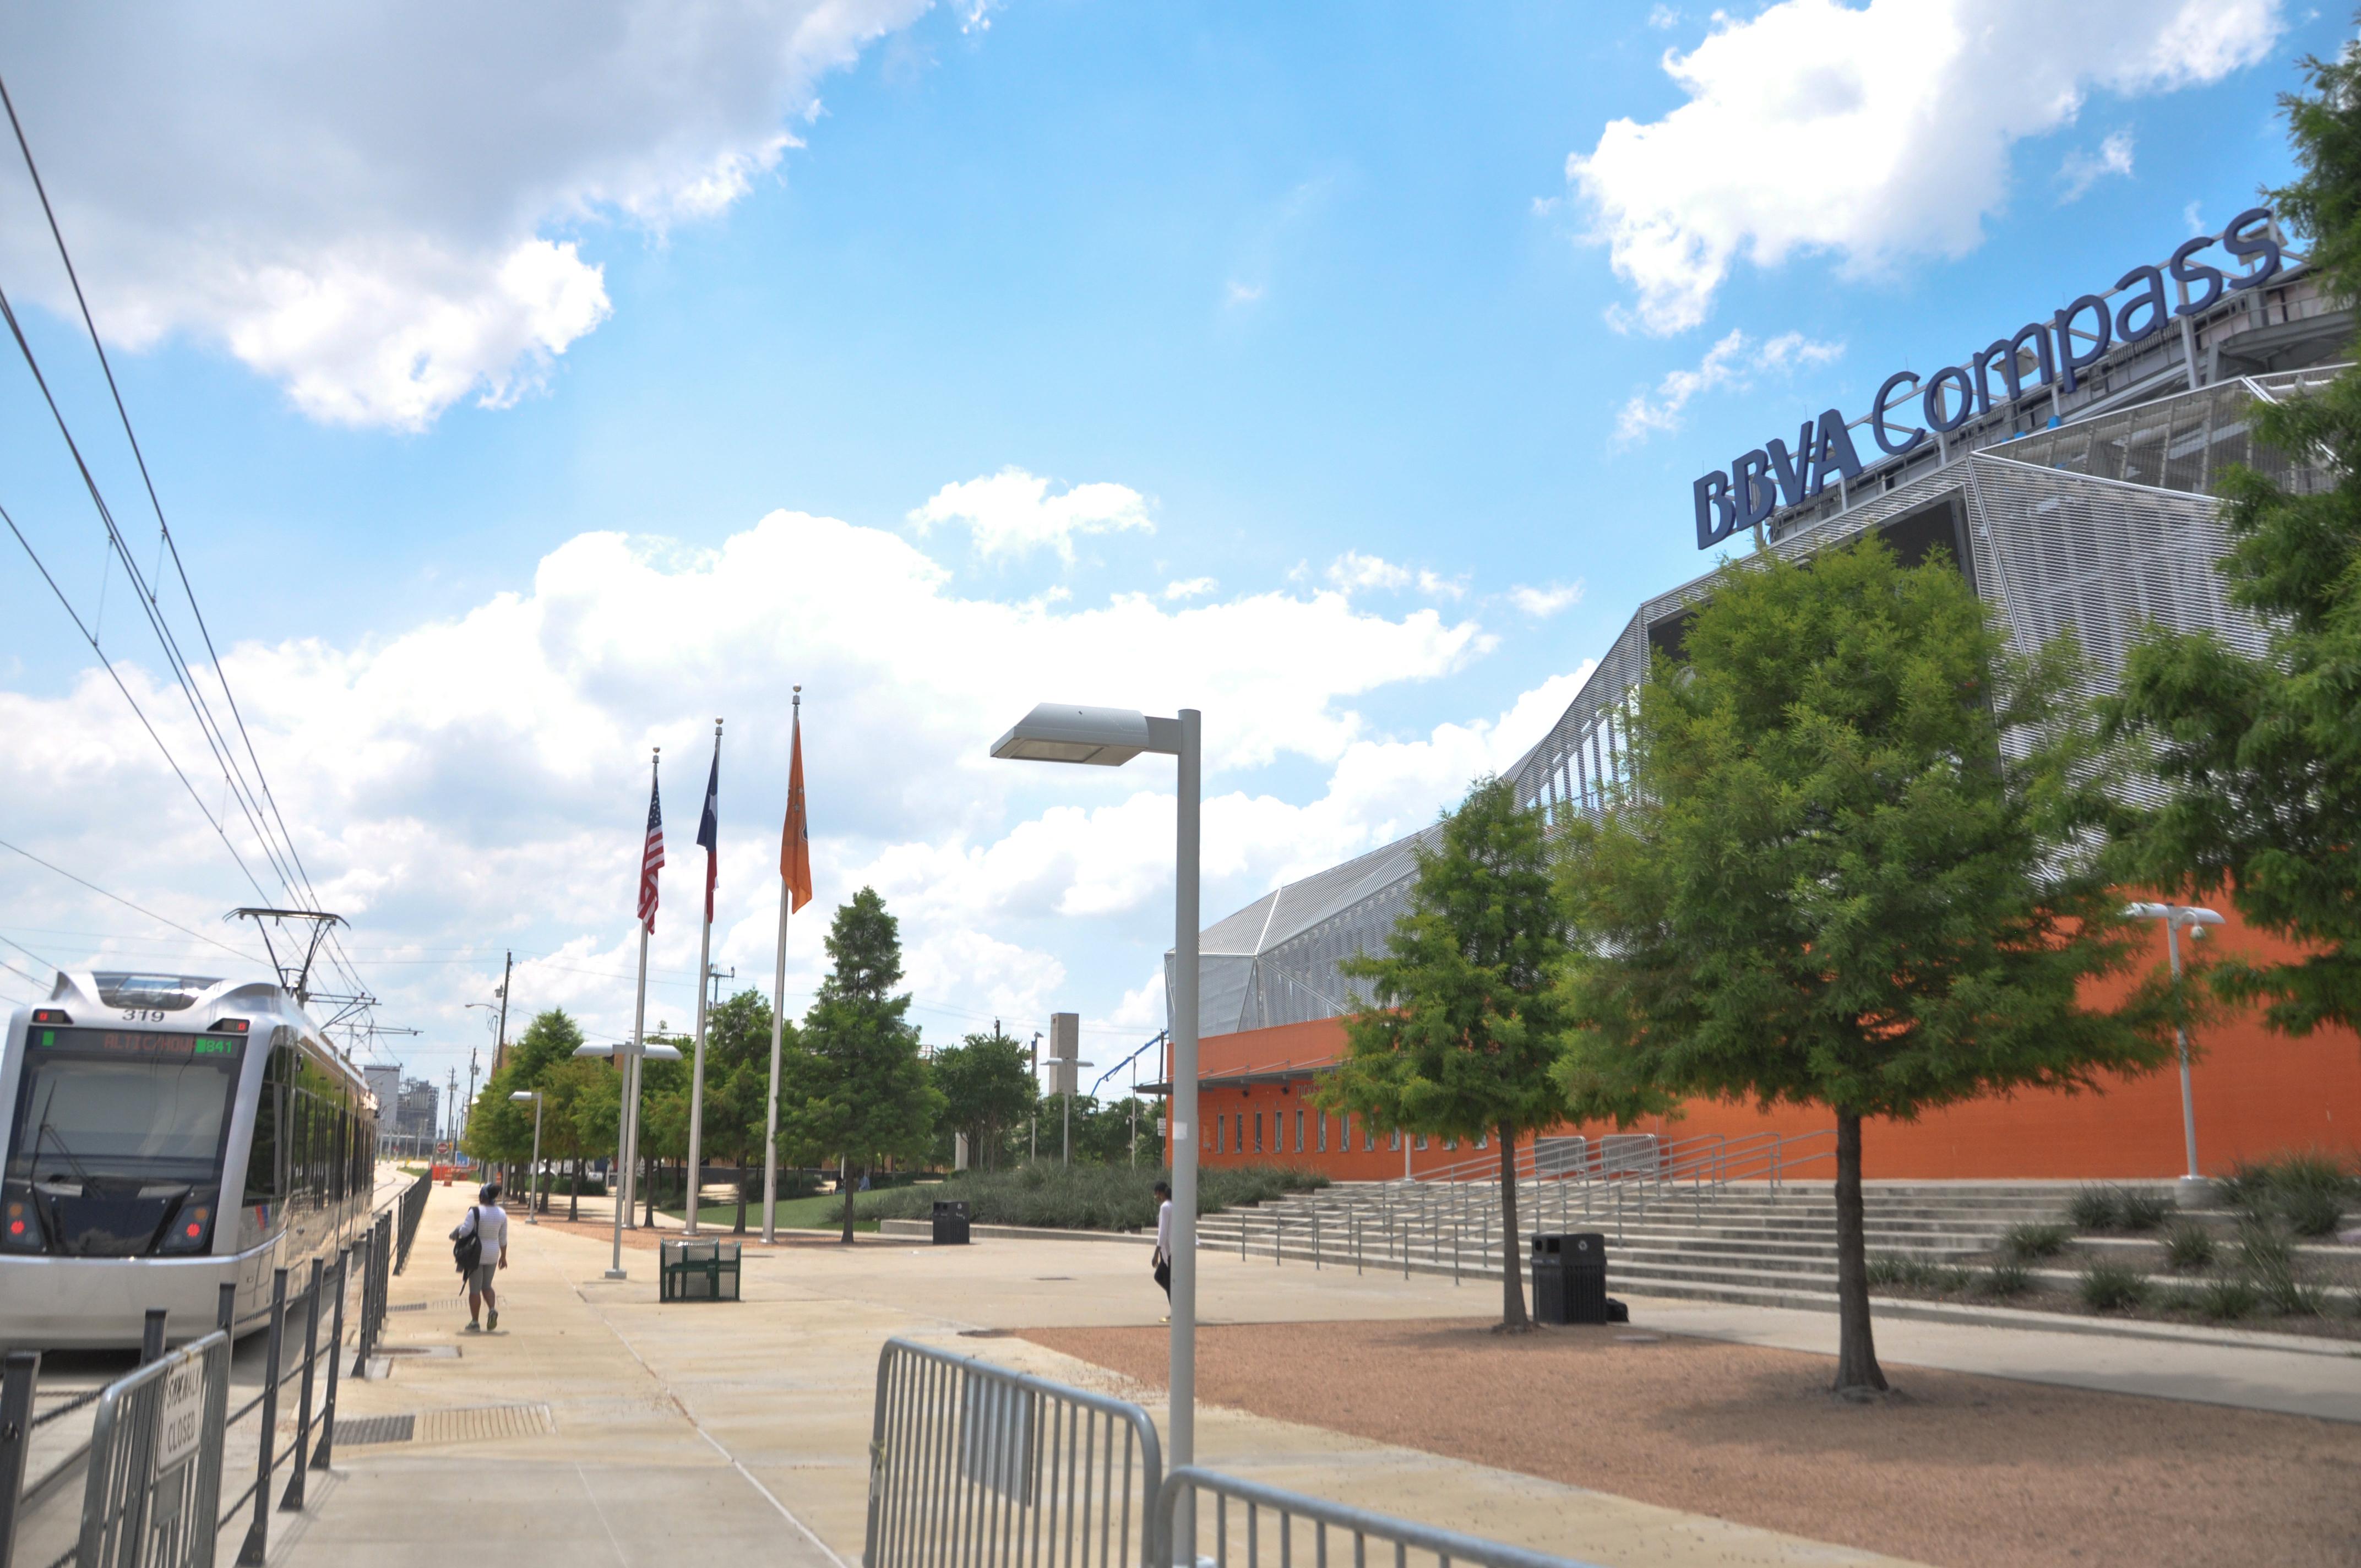 bbva compass stadium metro rail